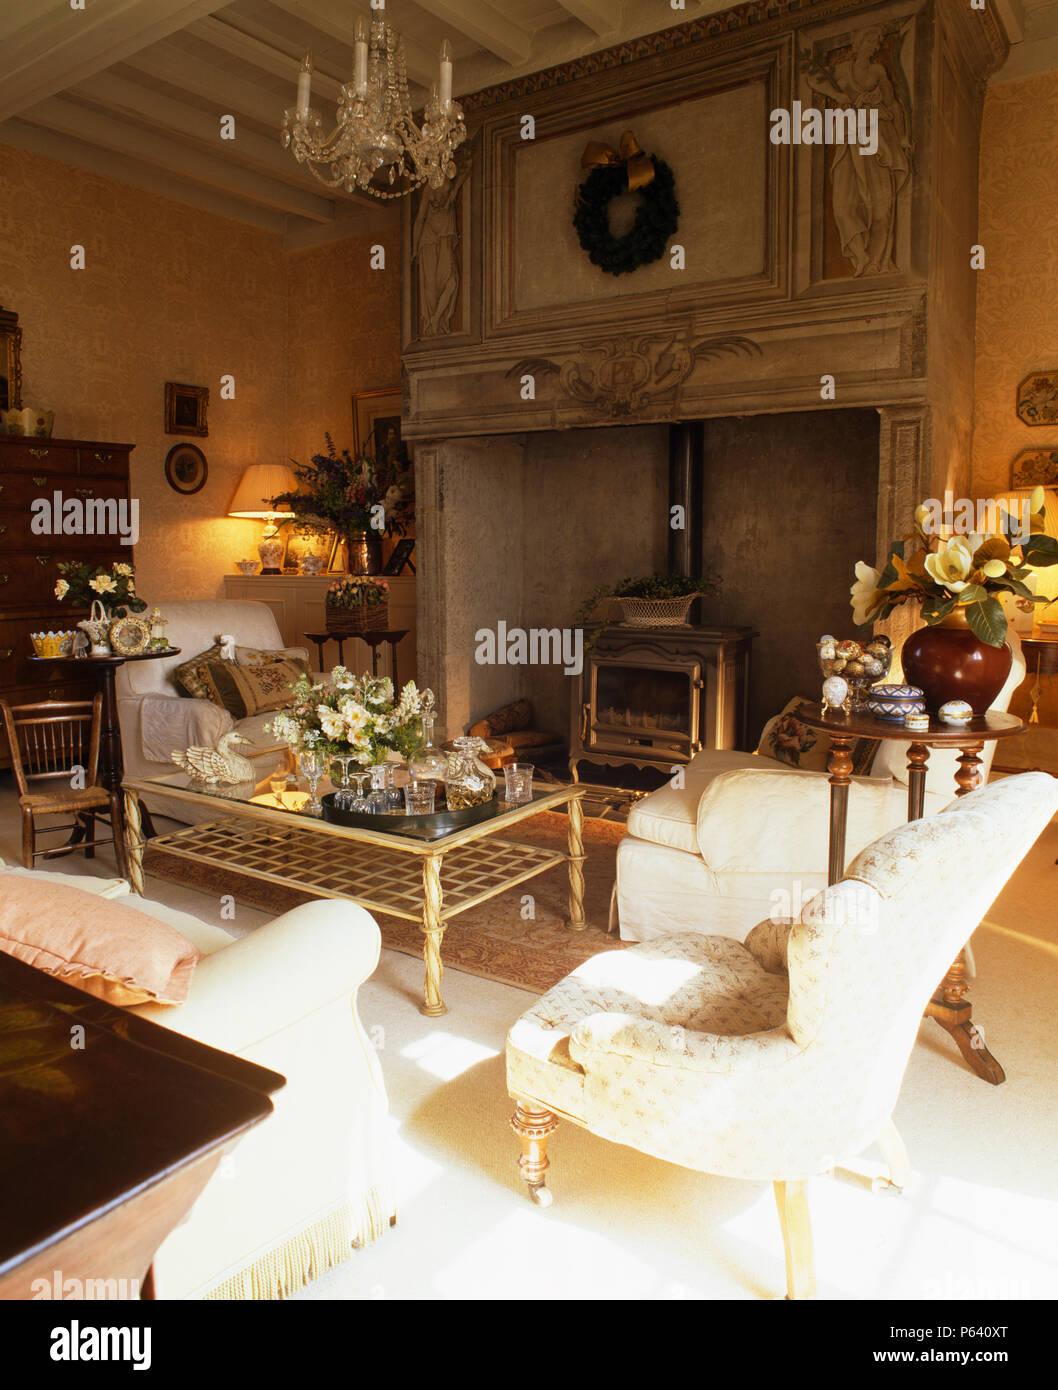 La crema poltrona e divani nel paese francese soggiorno con stufa a ...